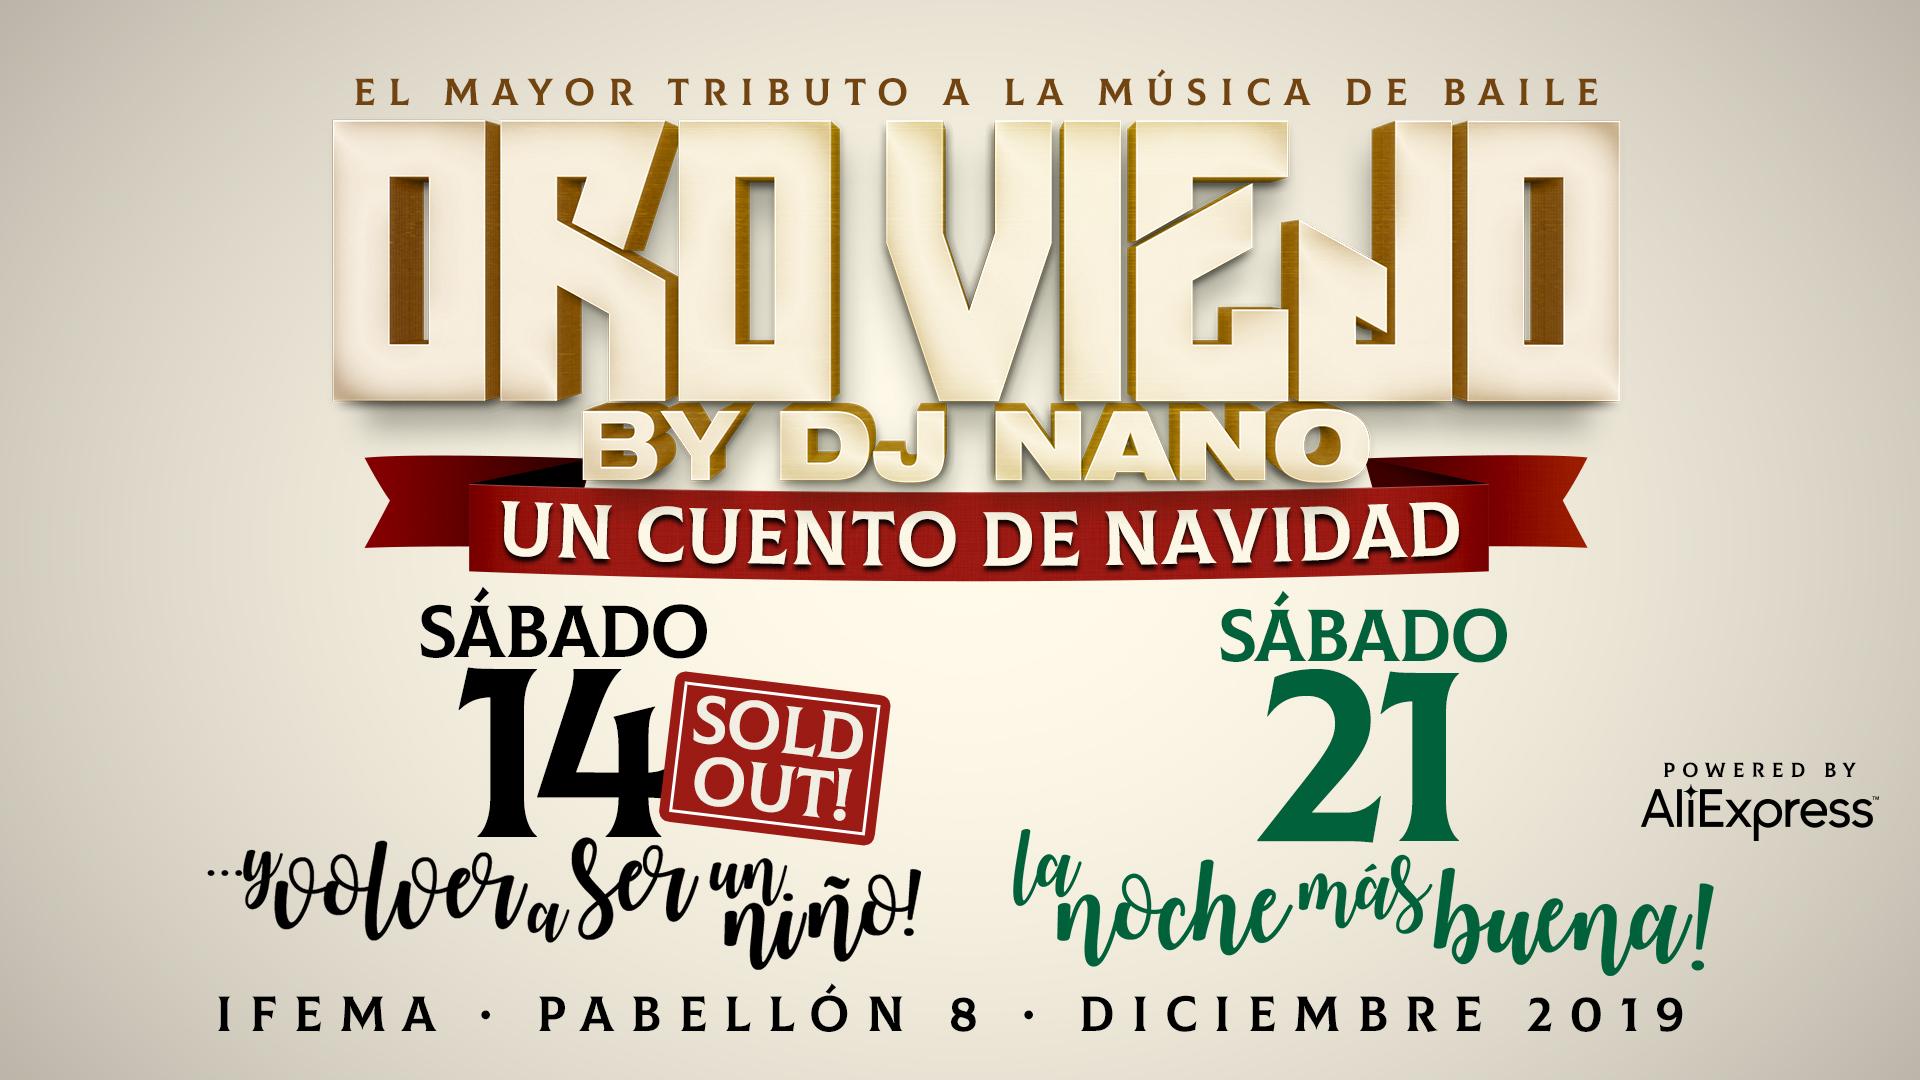 Oro Viejo by dj Nano: el mayor tributo a la música de baile